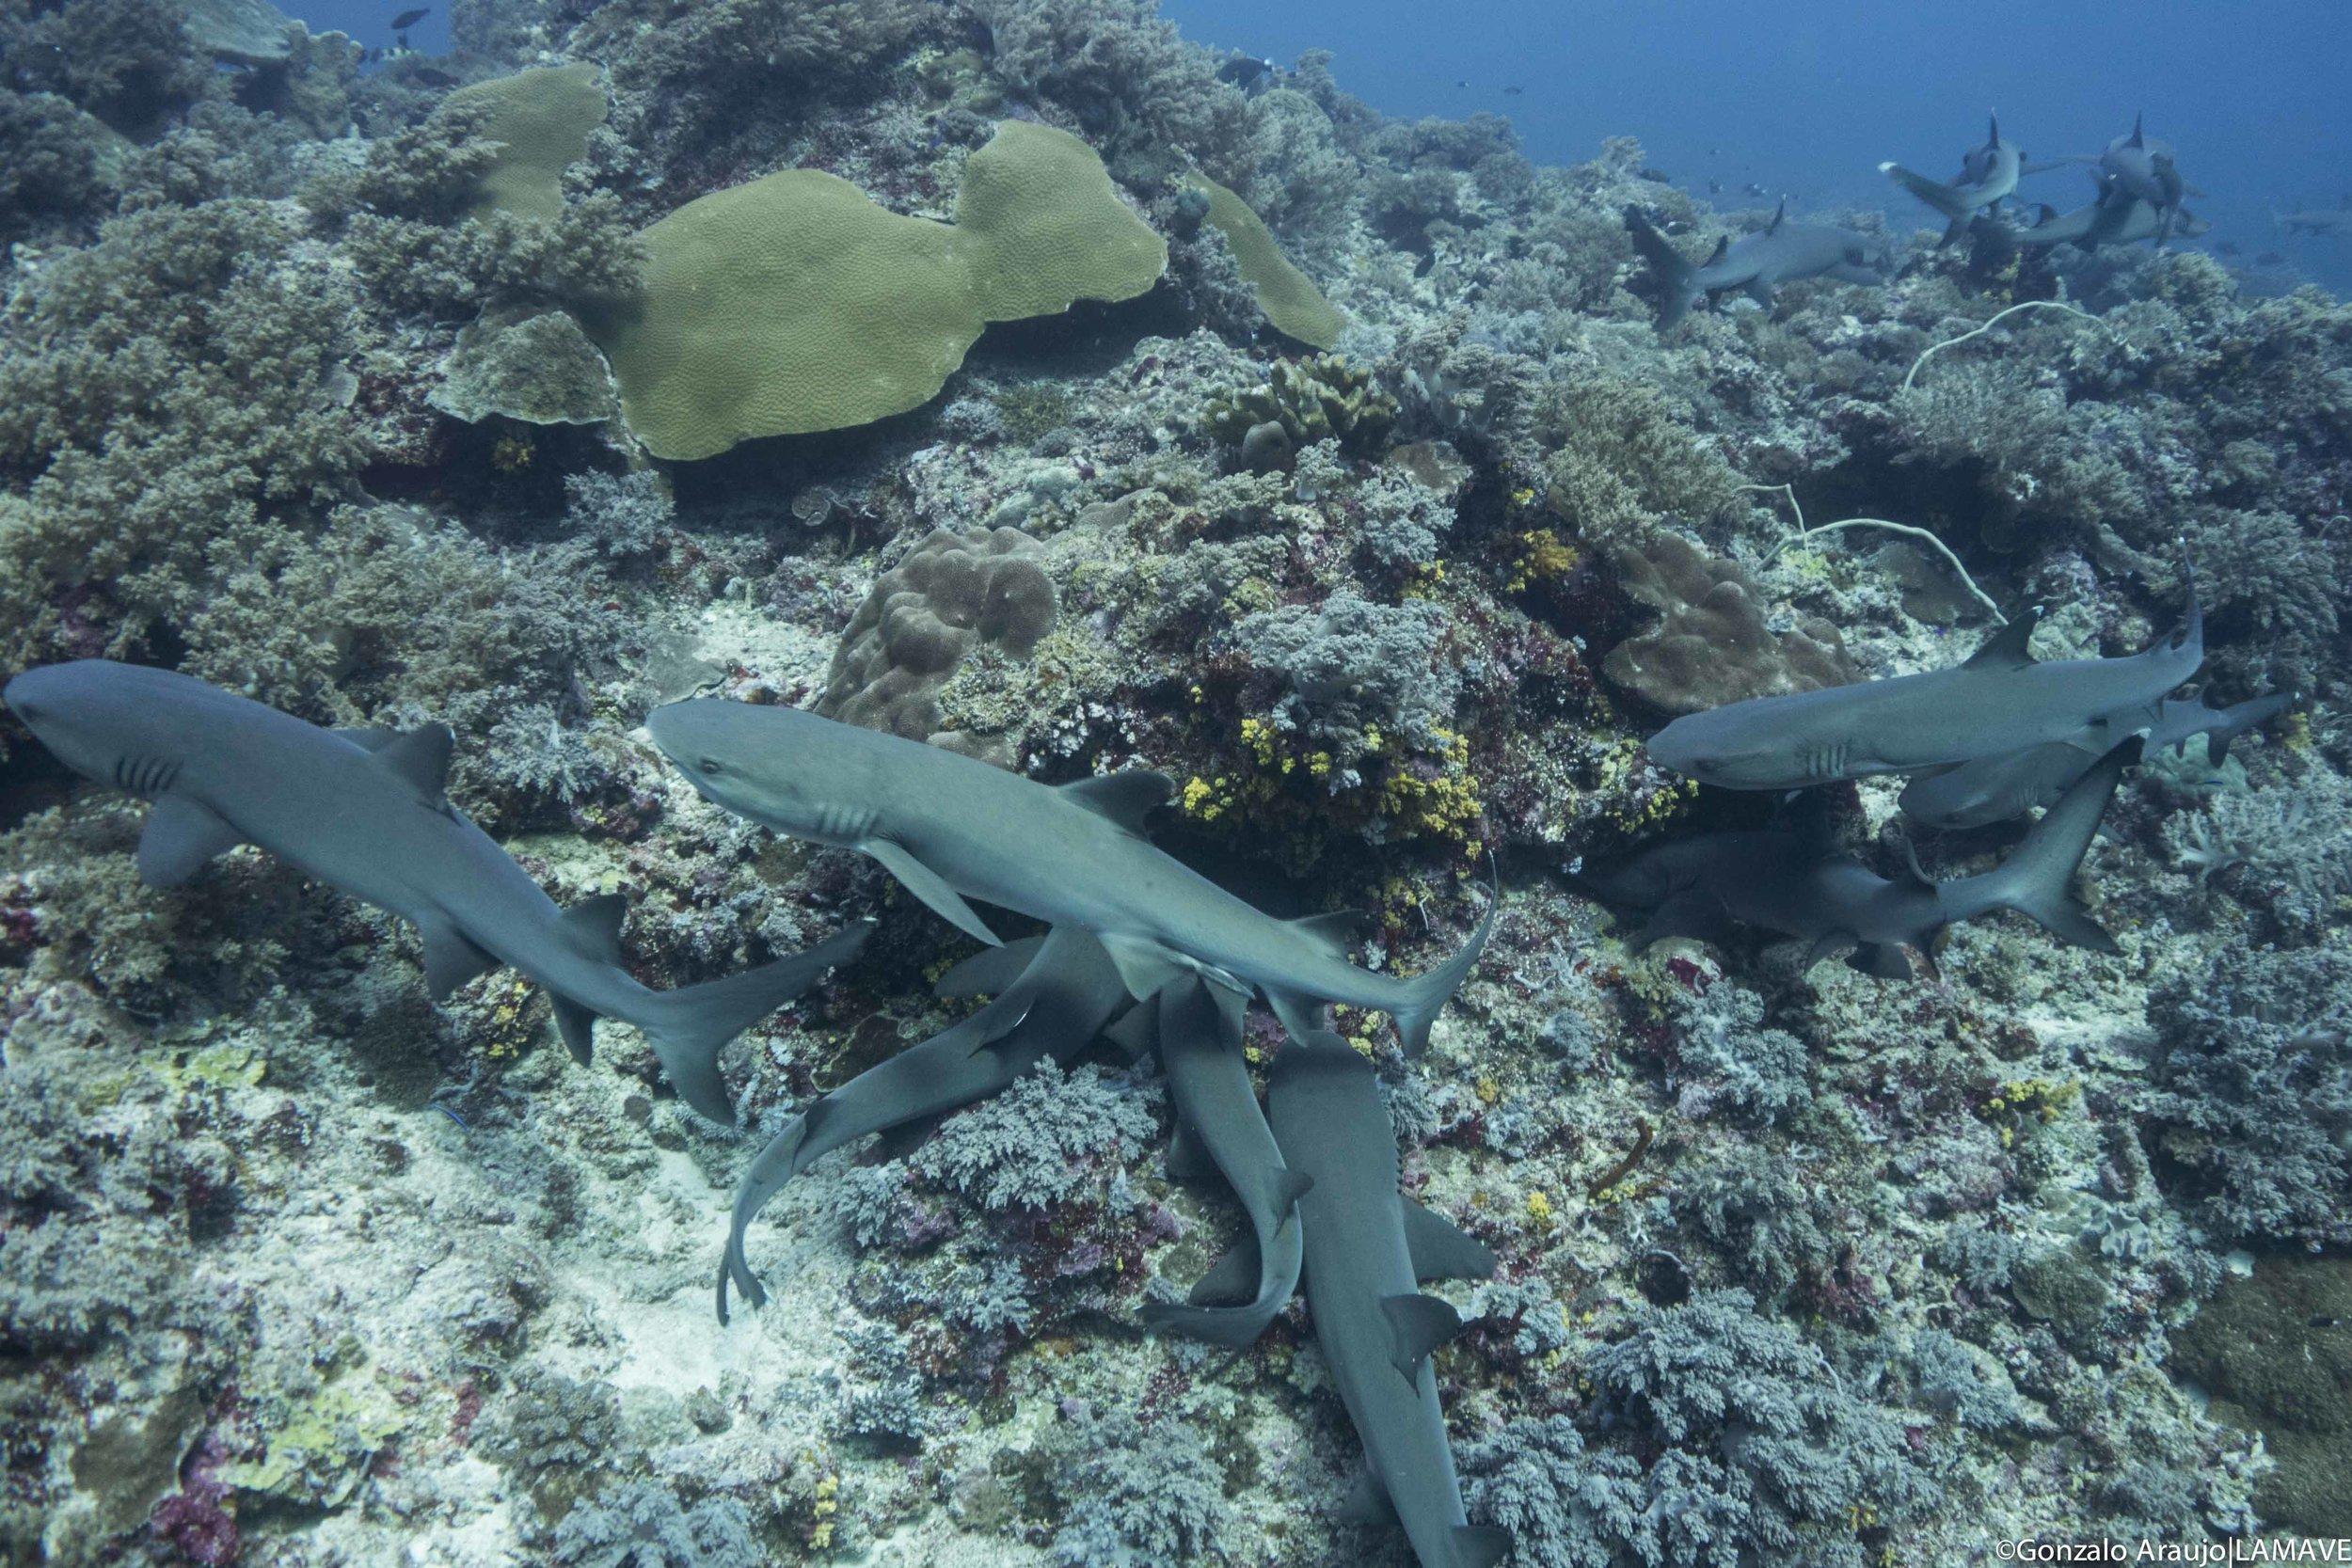 Photo 3.Whitetip reef sharks in TRNP. Gonzalo Araujo|LAMAVE